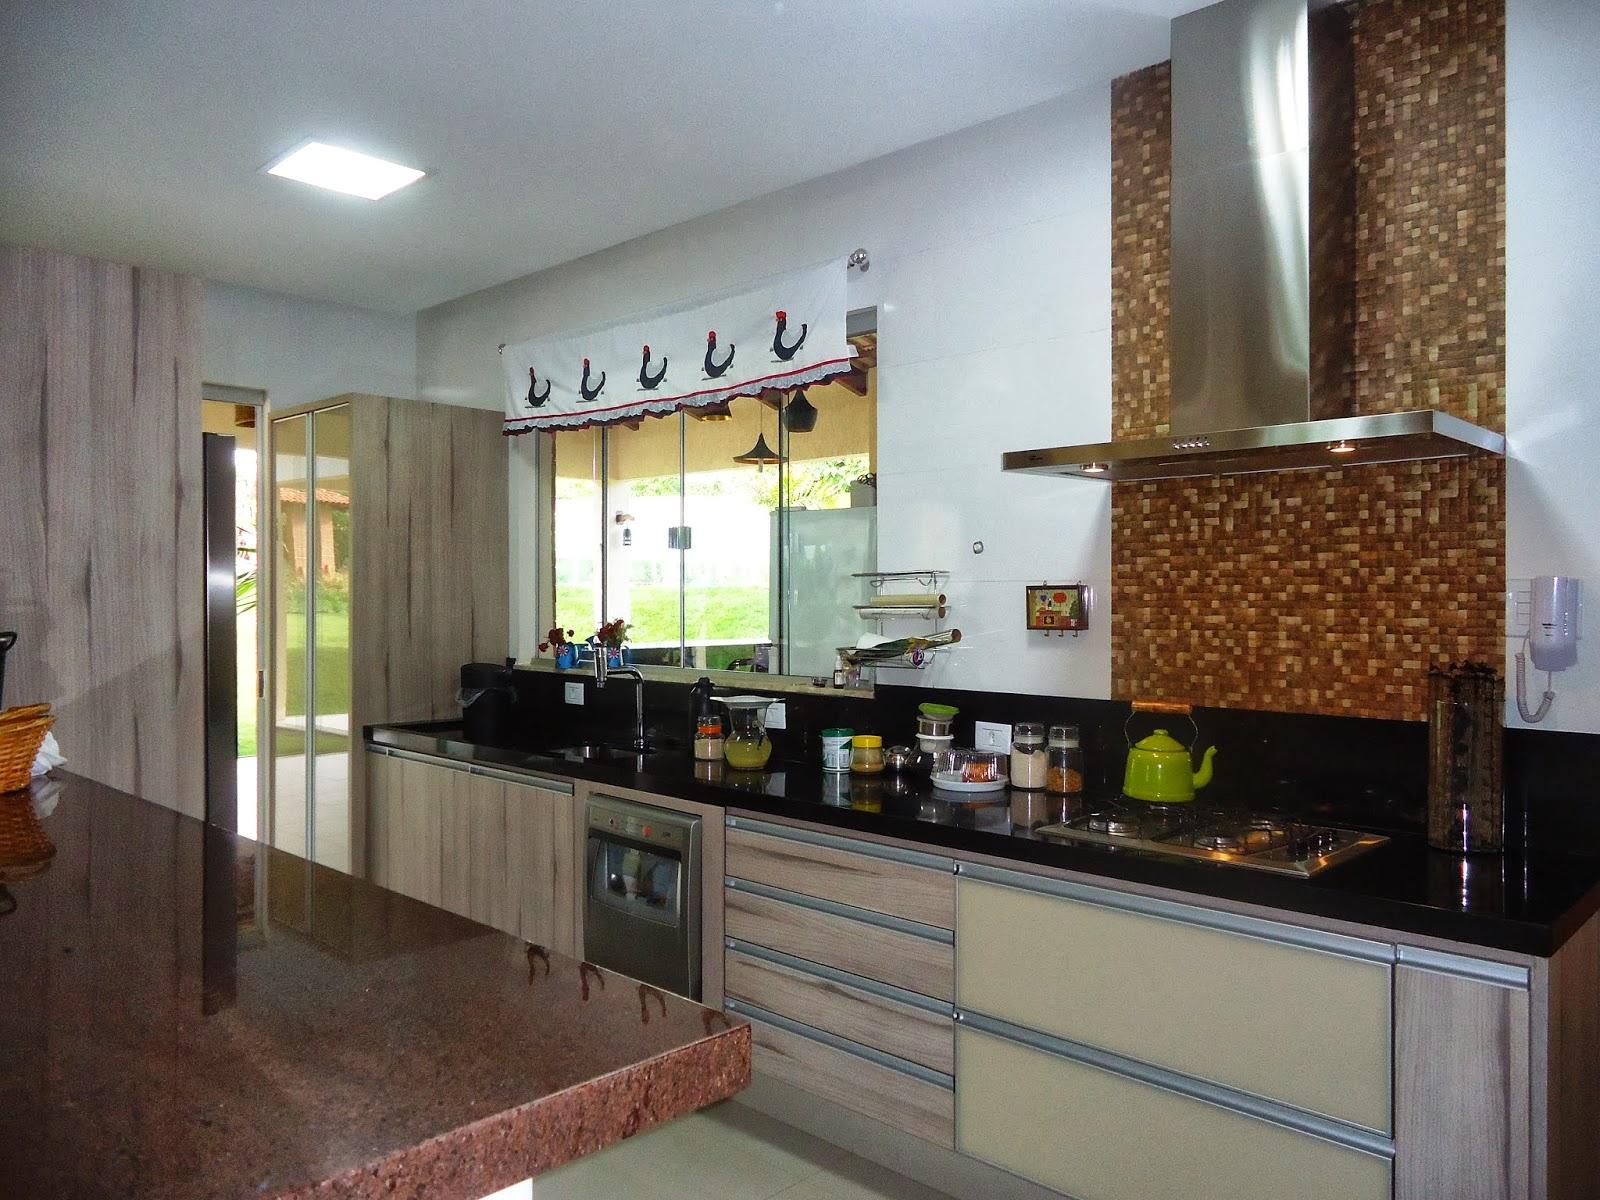 Cozinha Interna: um detalhe com pastilhas de côco foi usado atrás da  #8B8840 1600x1200 Banheiro Com Pastilhas Douradas